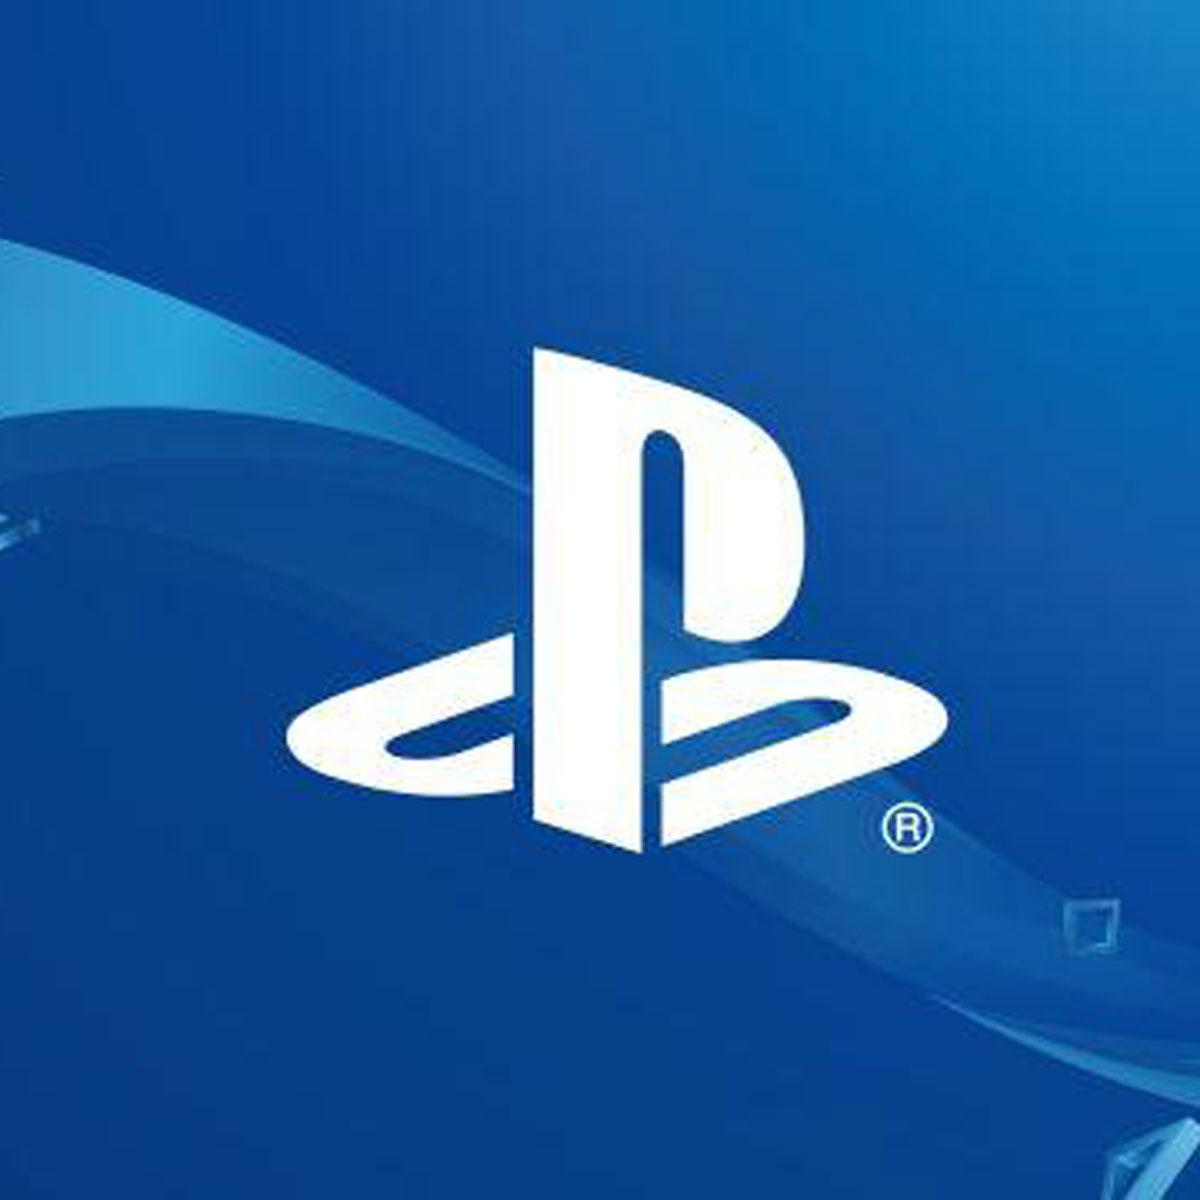 【速報】SIE次世代ゲーム機情報解禁! 名称は「プレイステーション 5」で2020年年末商戦期に発売